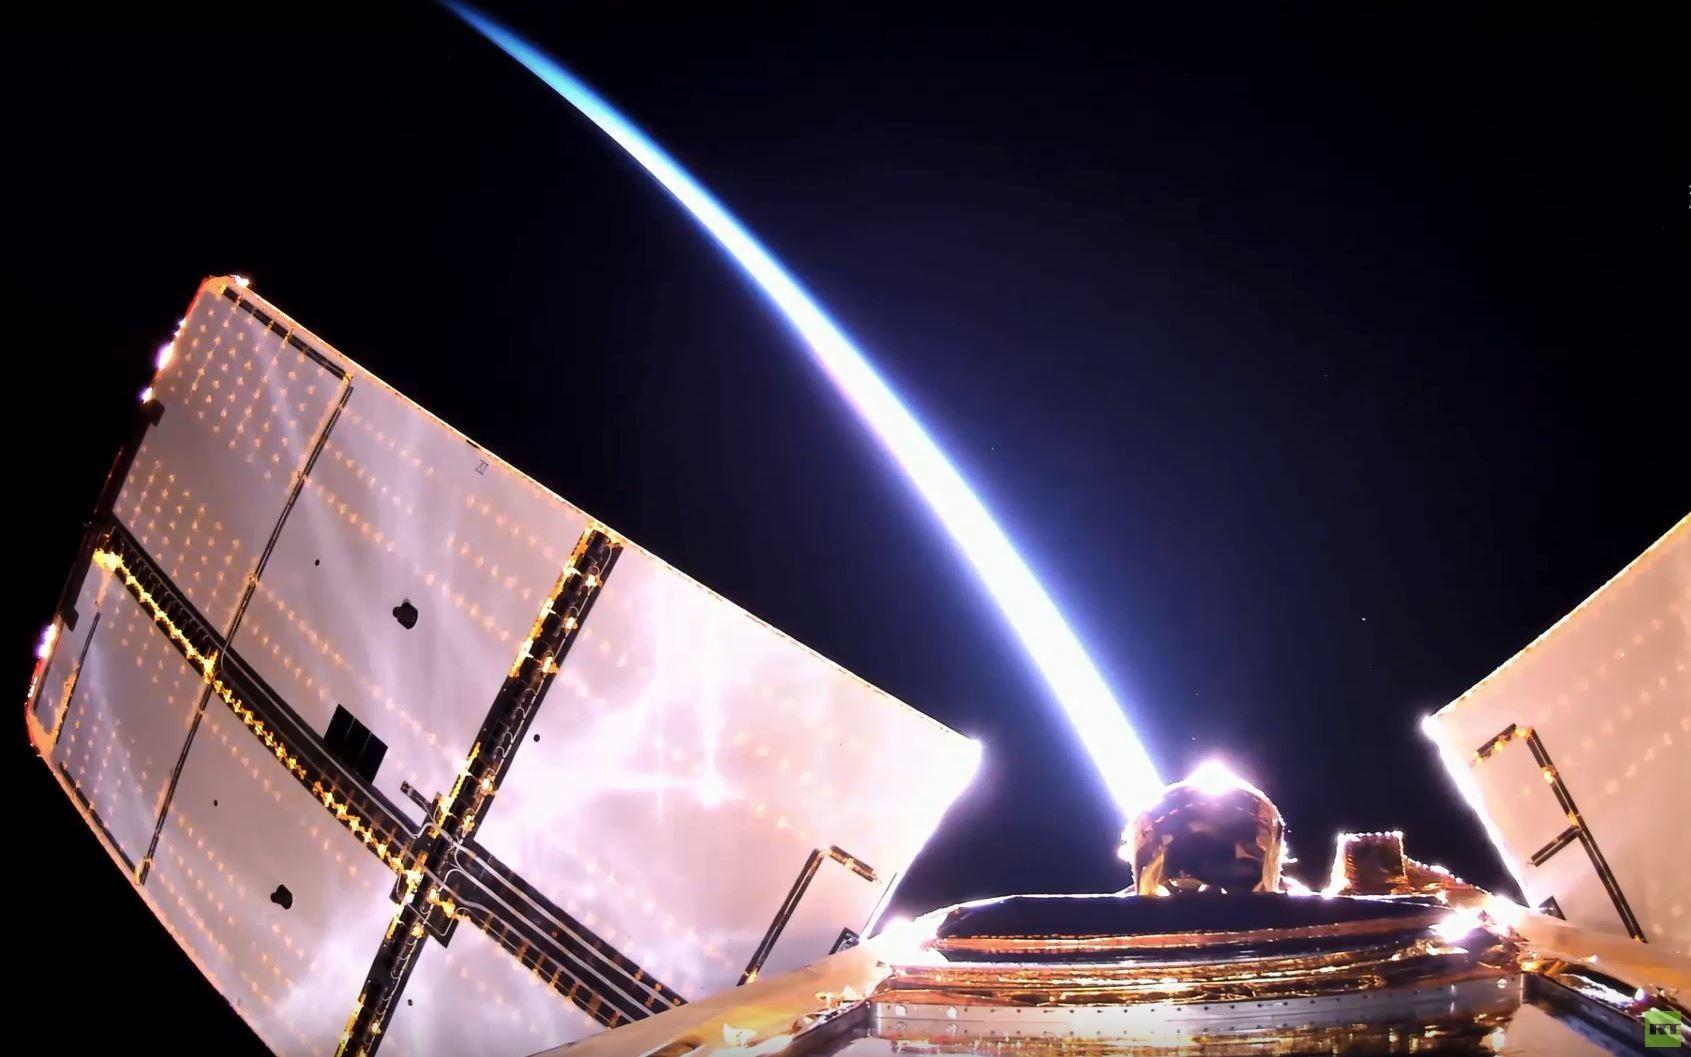 مناظر مدهشة.. القمر الصناعي المصري الجديد ينقل لقطات تخطف القلوب من الفضاء (فيديو+صور)